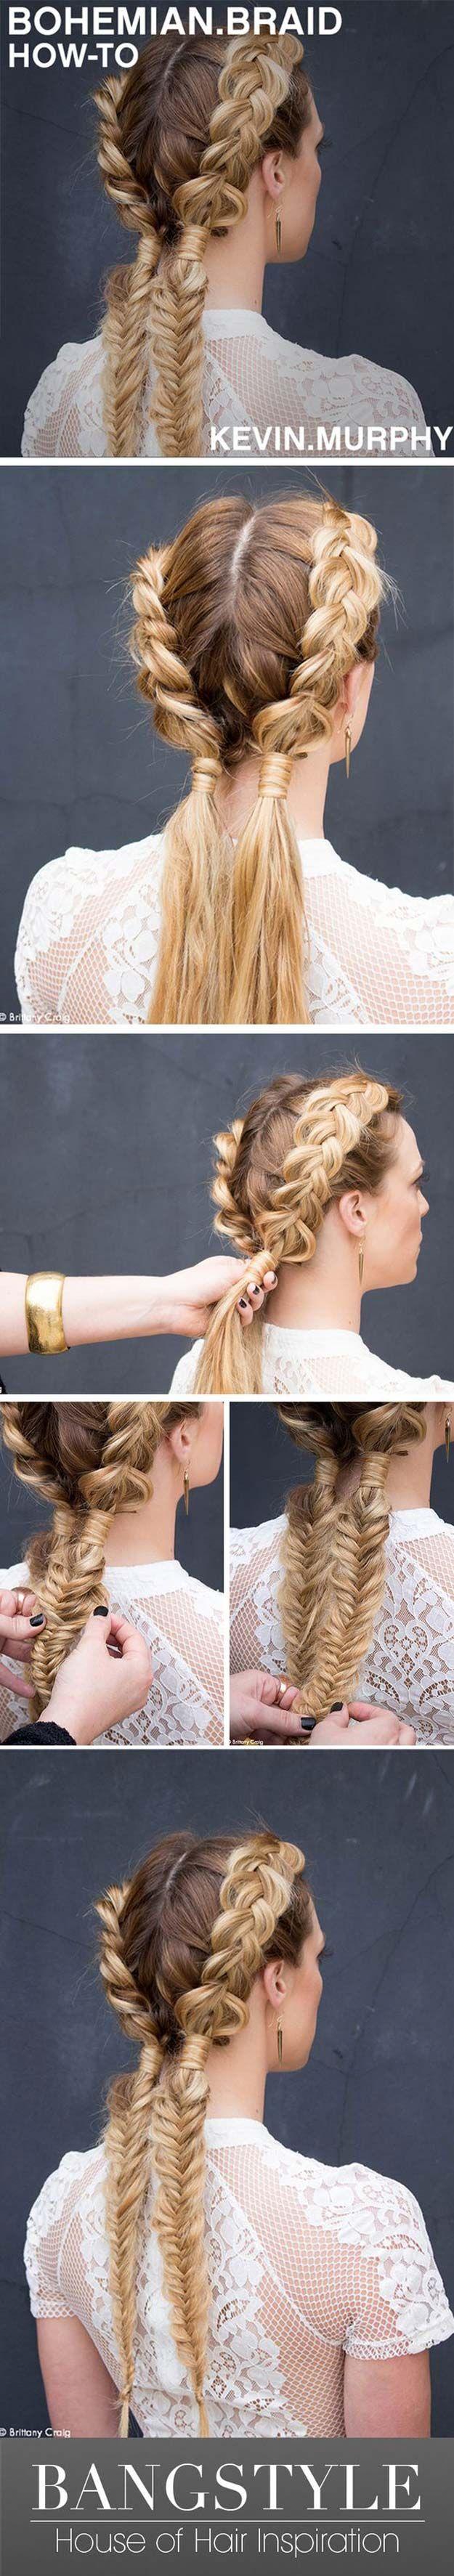 Festival Hair Tutorials - Bohemain Braid - Short Quick and Easy Tutorial Guides ...